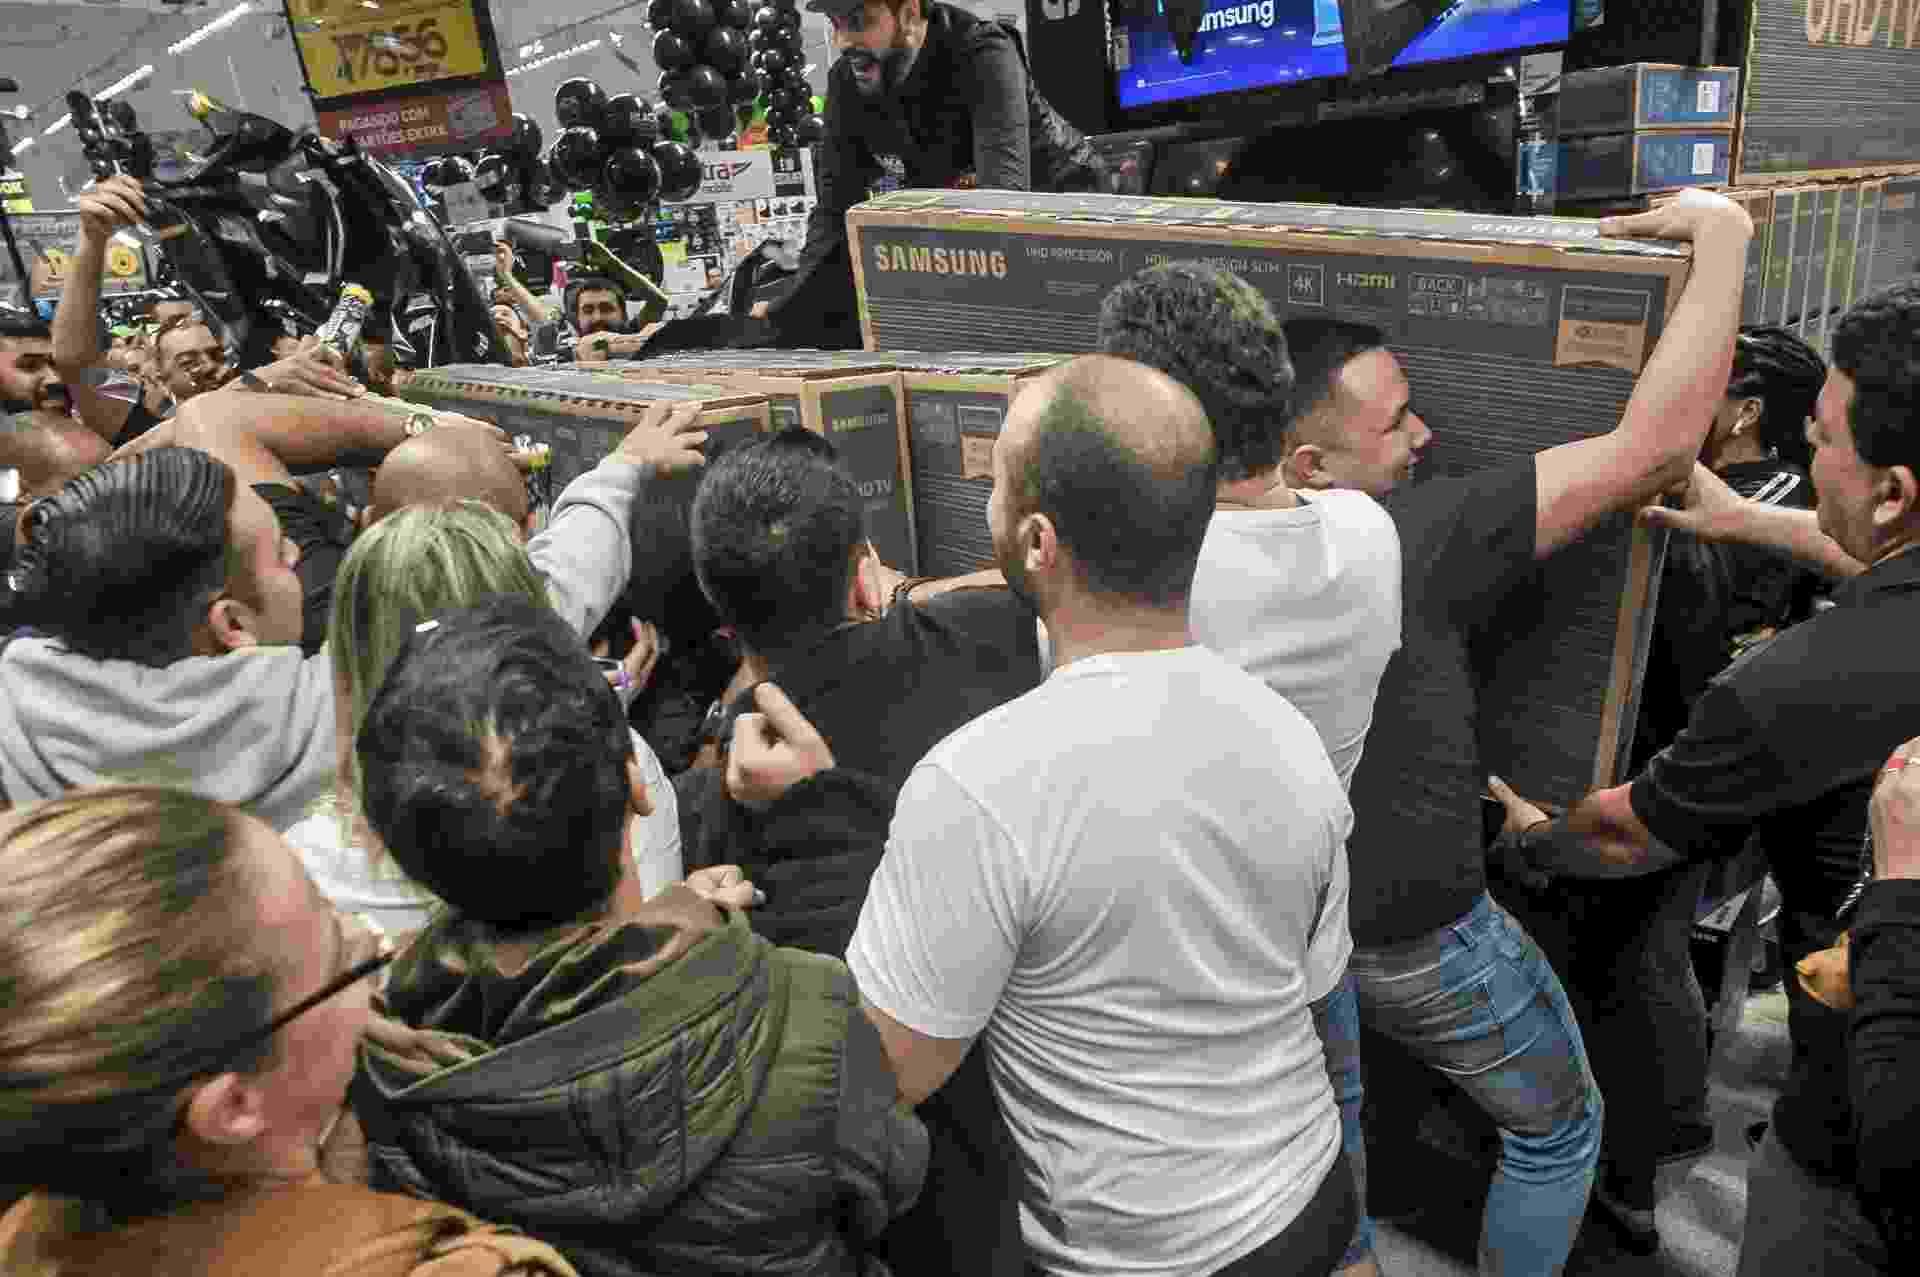 Clientes disputam TVs em oferta na Black Friday, que começou já na noite de quinta-feira em algumas lojas - Reinaldo Canato/UOL